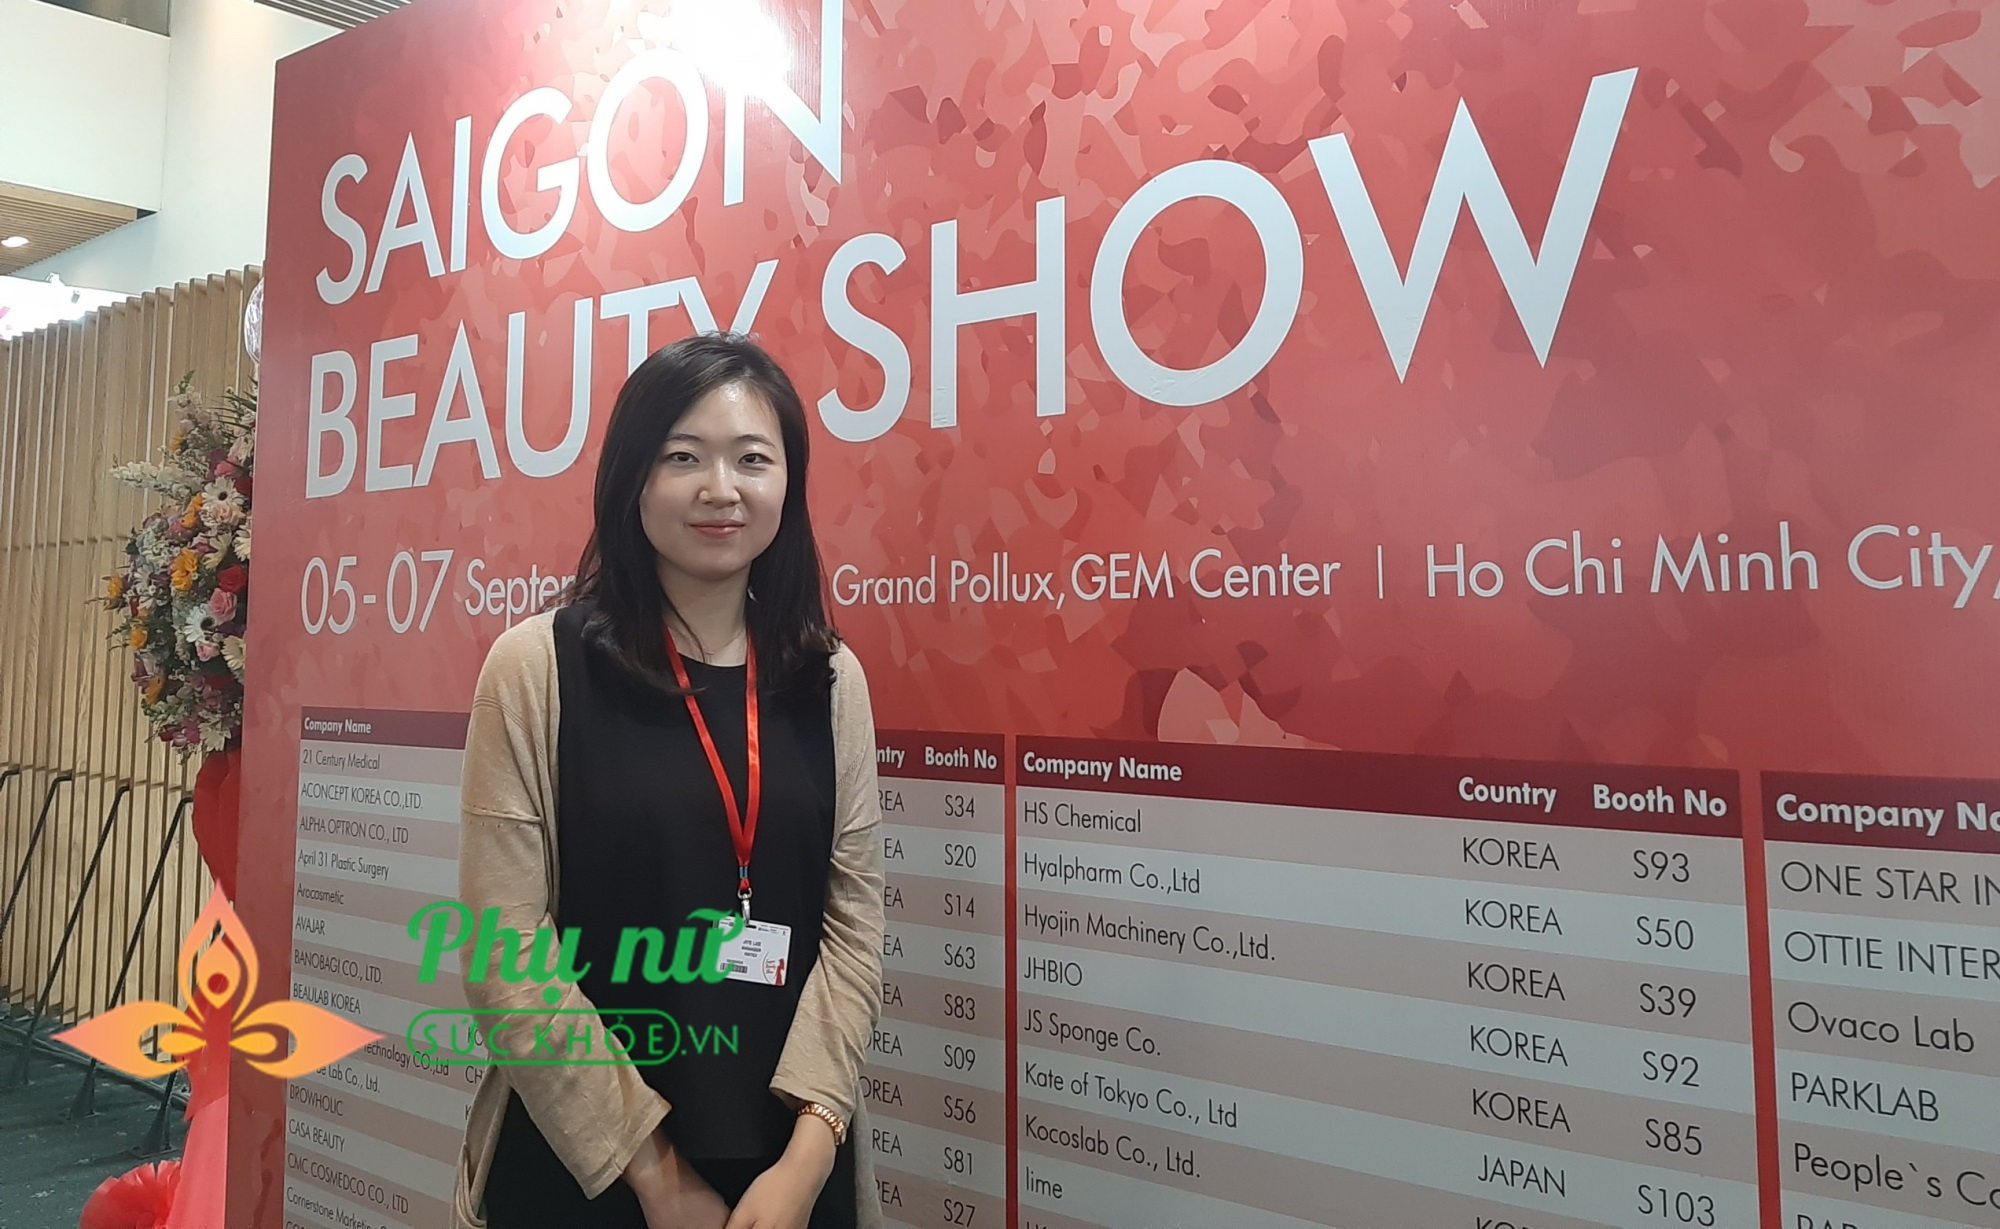 """""""Ngất ngây"""" ngắm rừng sản phẩm làm đẹp tại Saigon Beauty Show 2019 - Ảnh 2"""